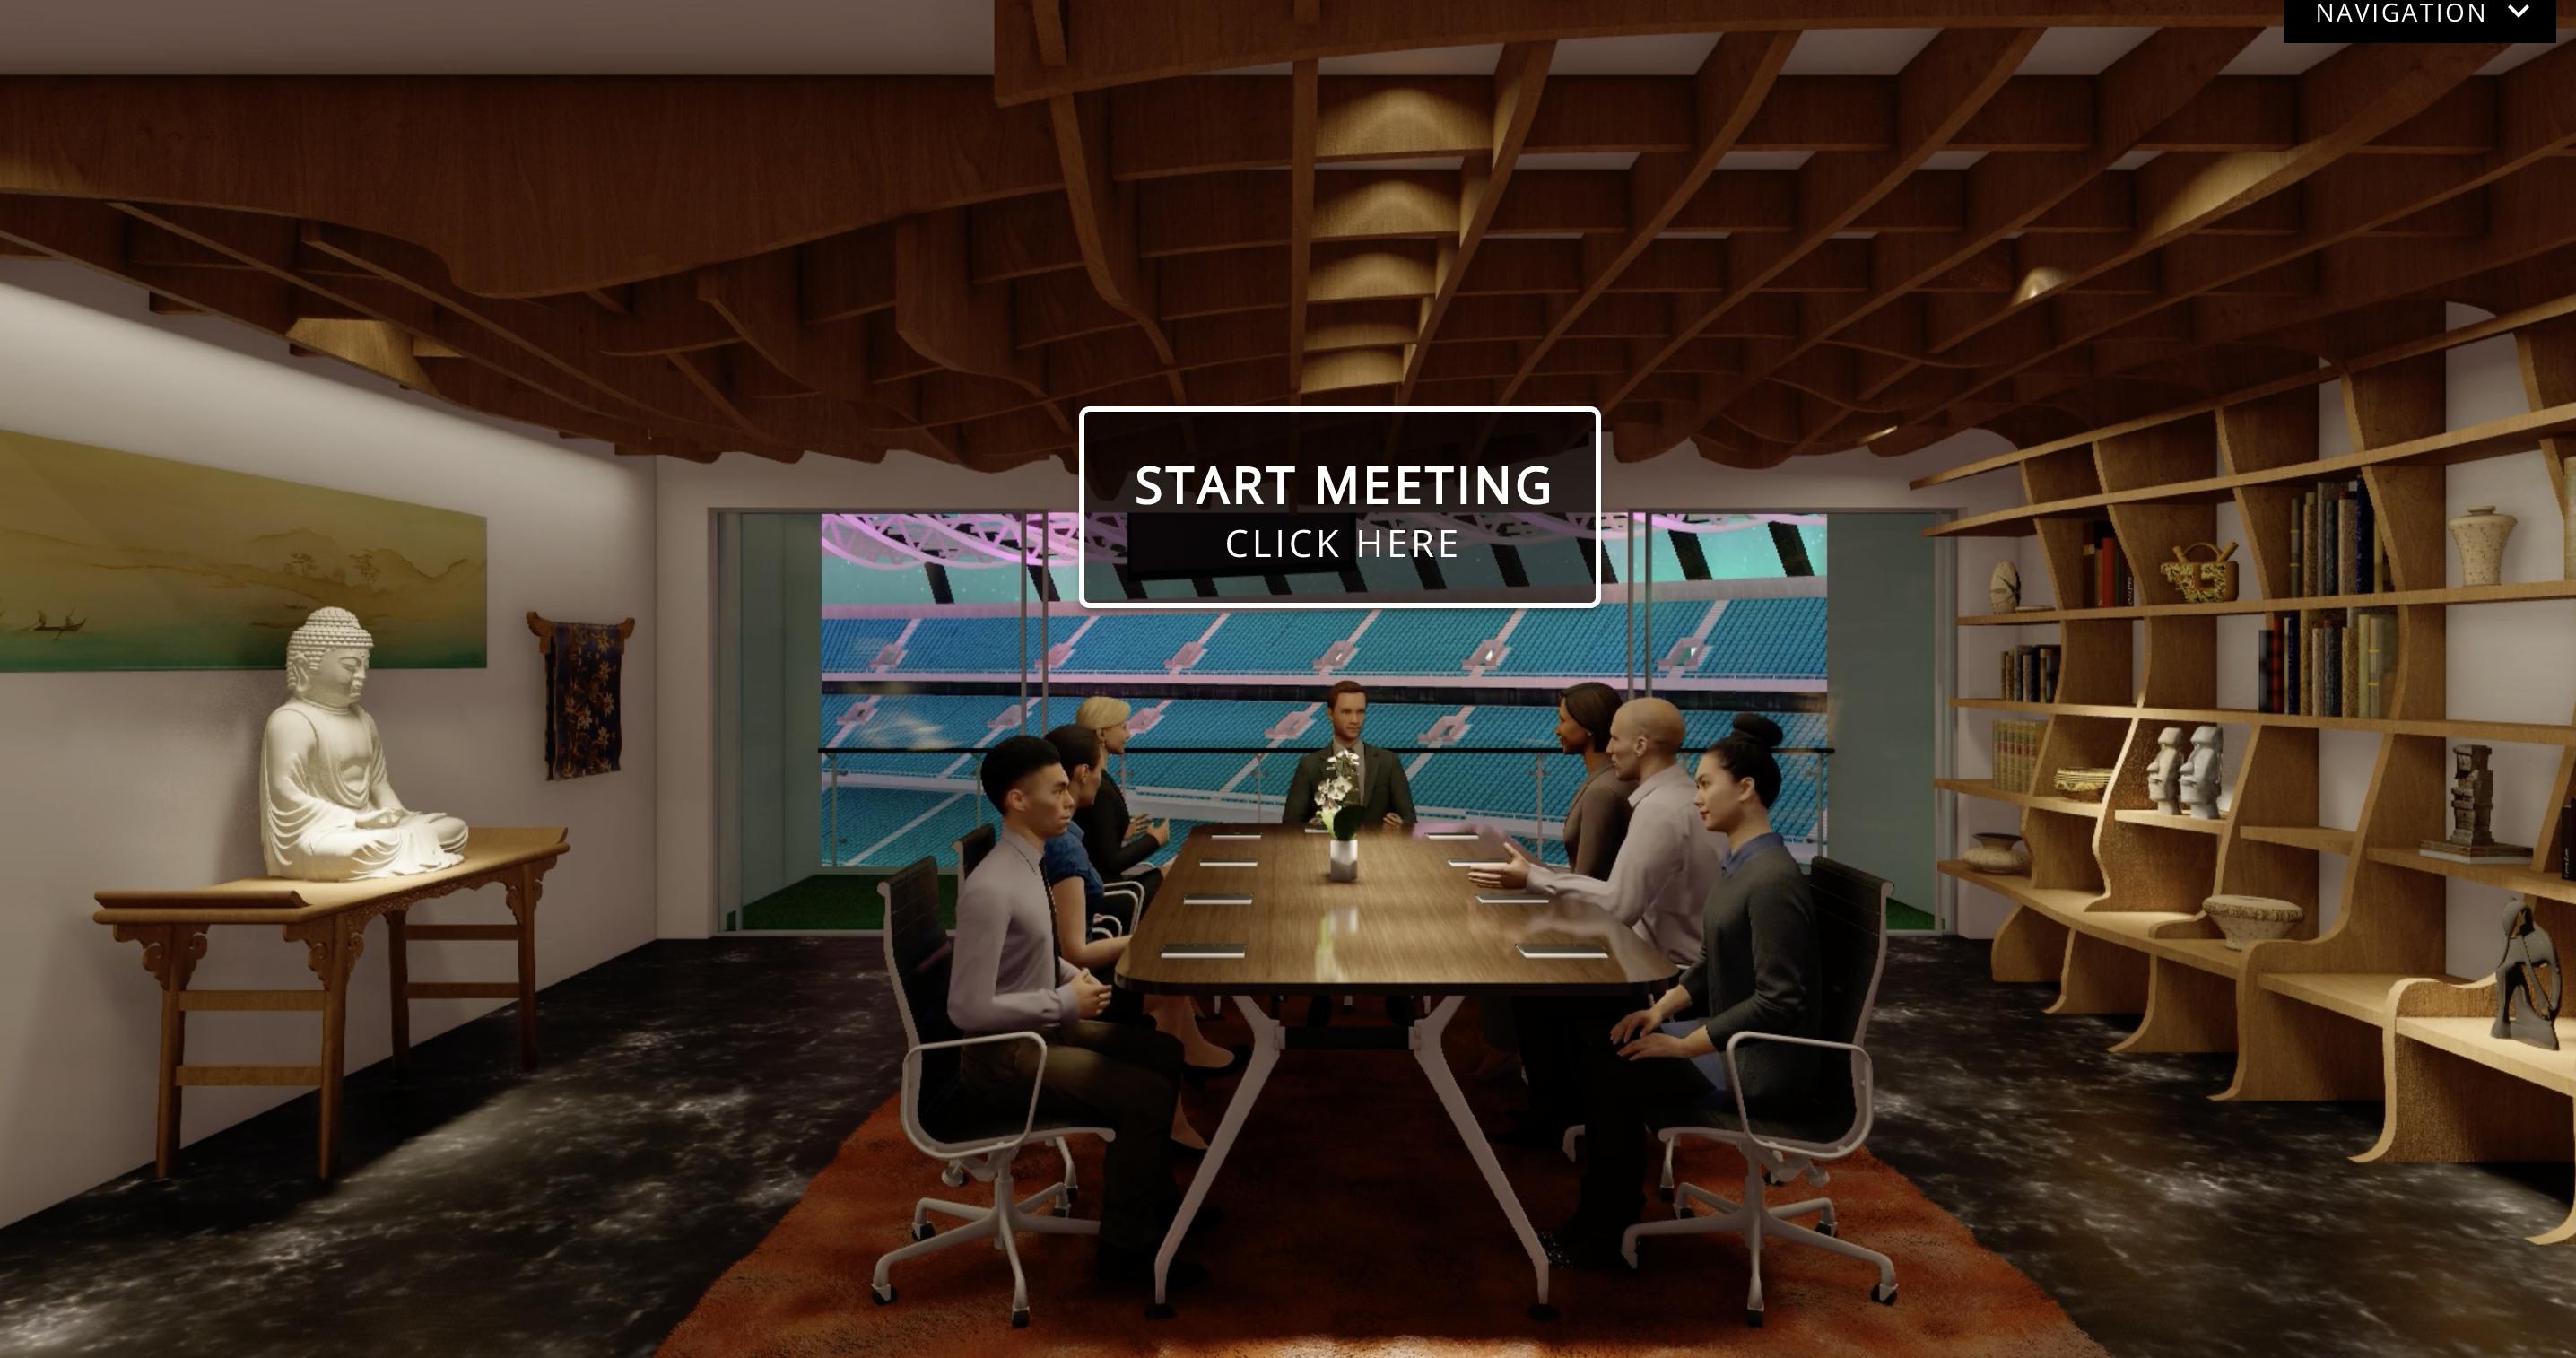 Boardroom for virtual meetings